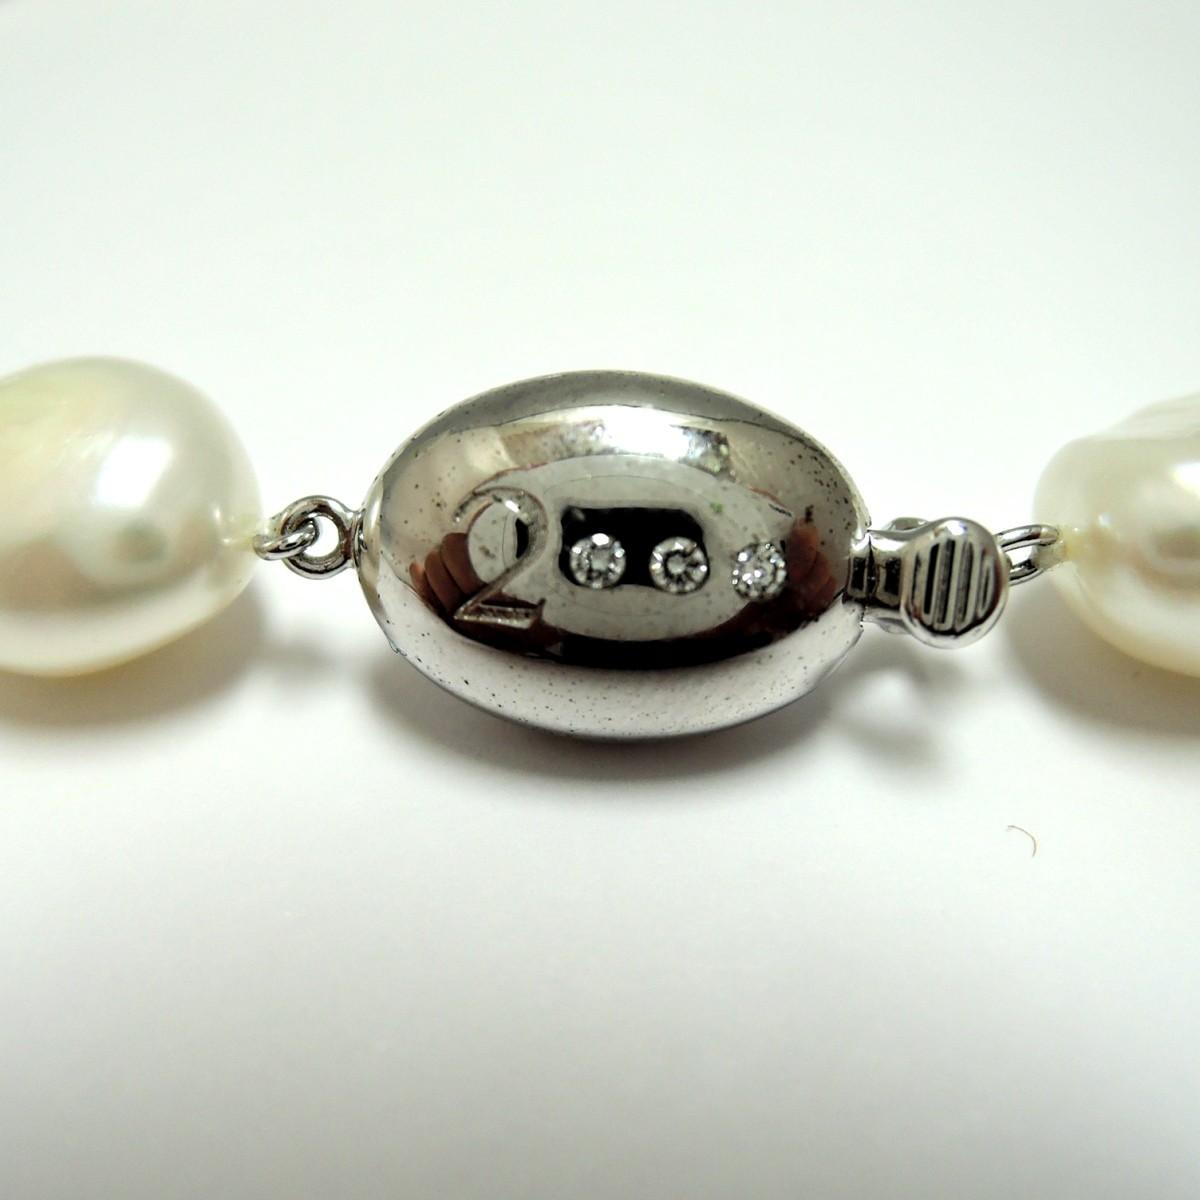 田崎真珠/TASAKI 本真珠 パールネックレス ダイヤ 刻印:0.02 約10mm前後 首回り約40cm FS_画像6